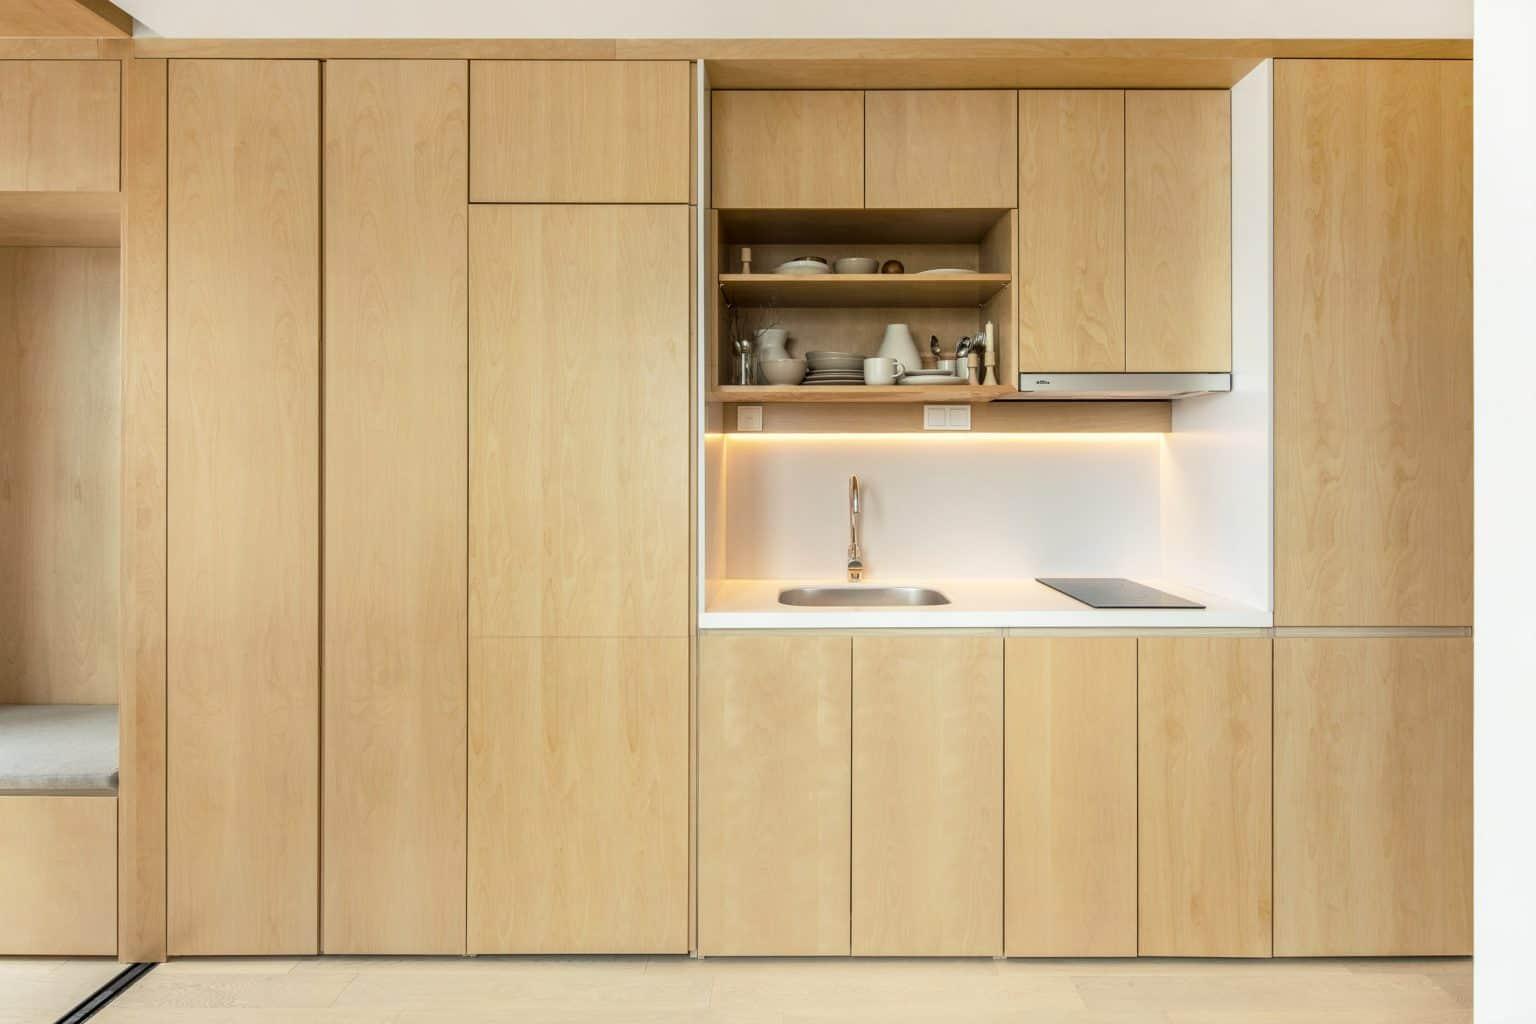 birch plywood kitchen cupboard design